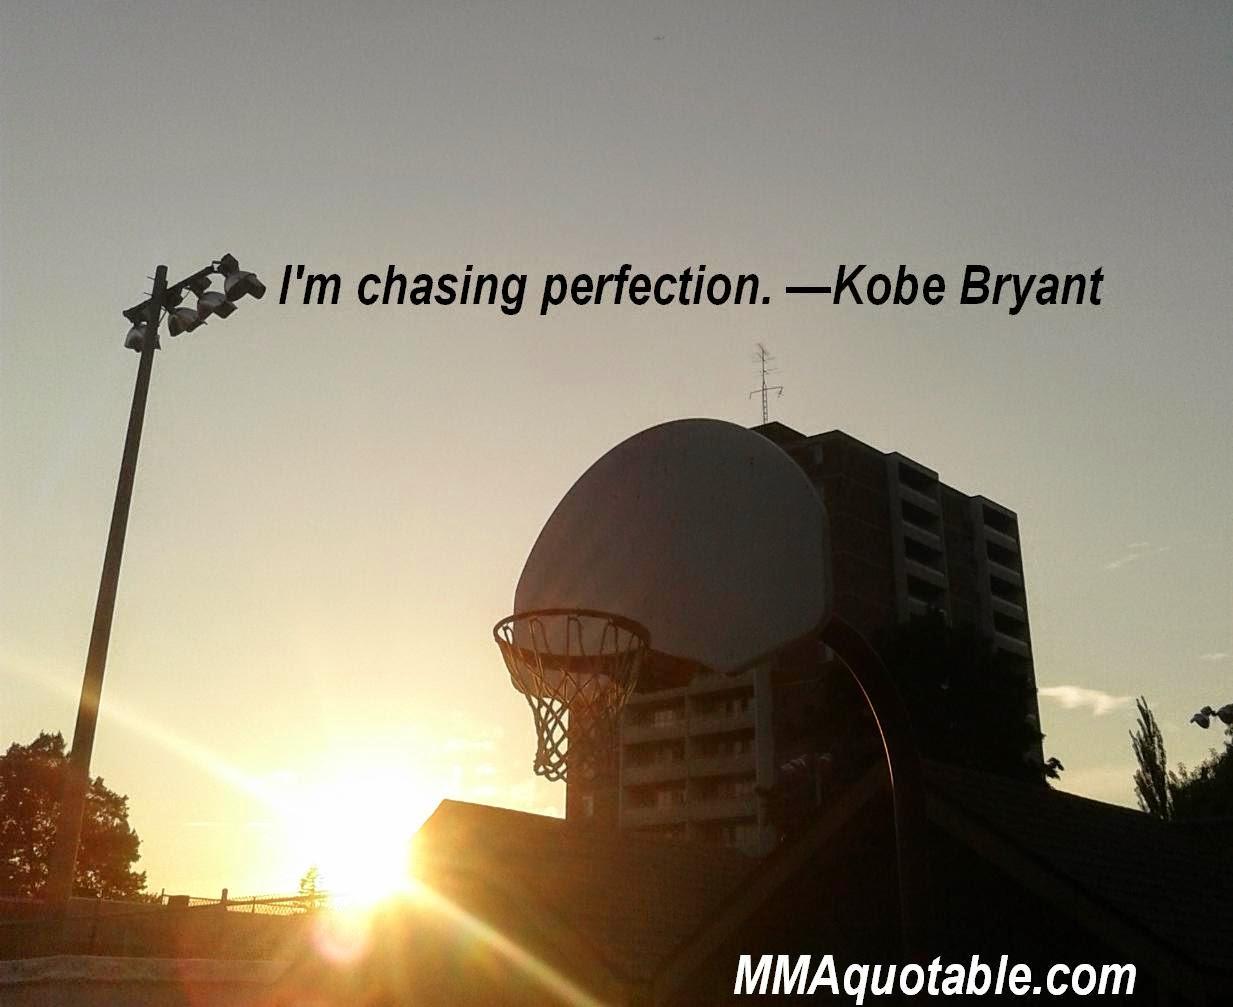 kobe bryant motivational quotes quotesgram